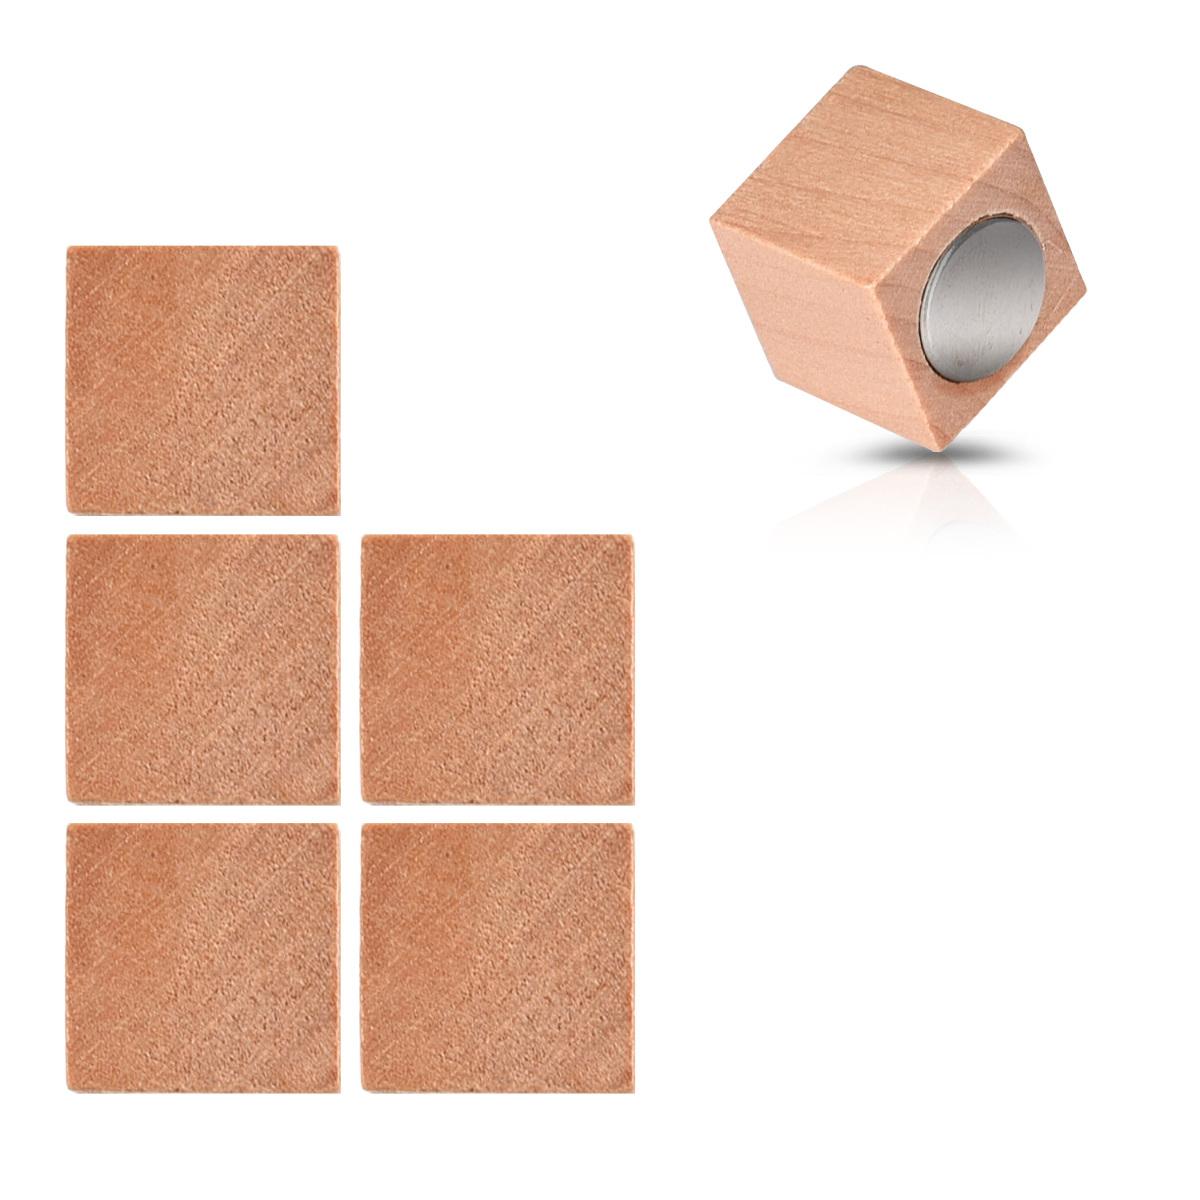 Holz Magnete Kühlschrank Neodym Magnet Set 6x Kühlschrankmagnete eckig stark